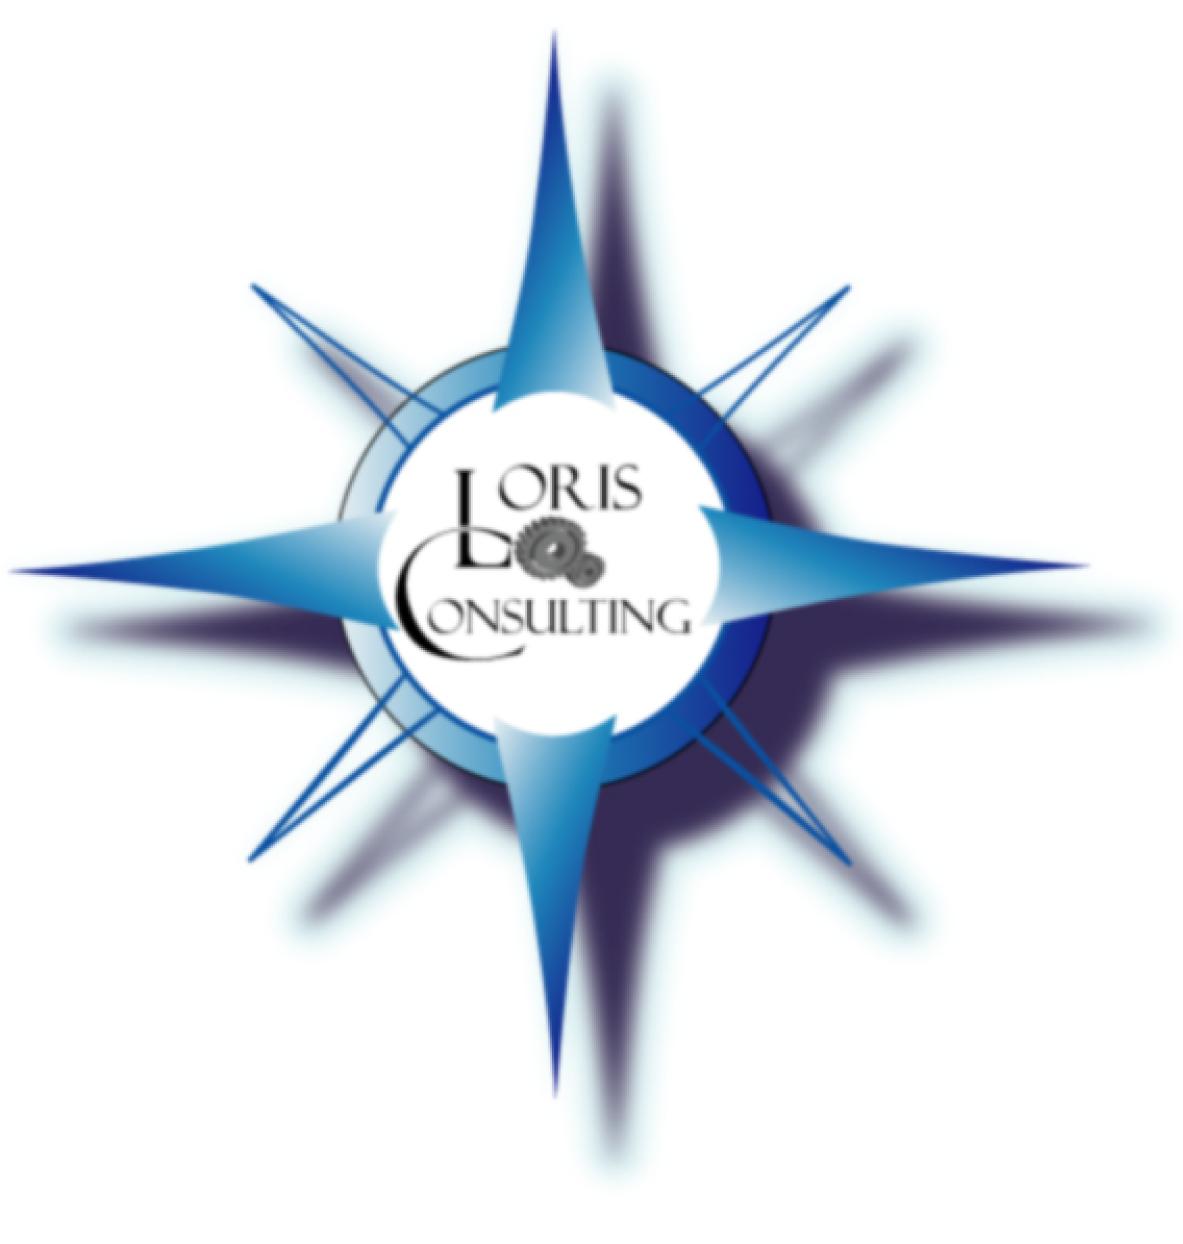 LORIS CONSULTING